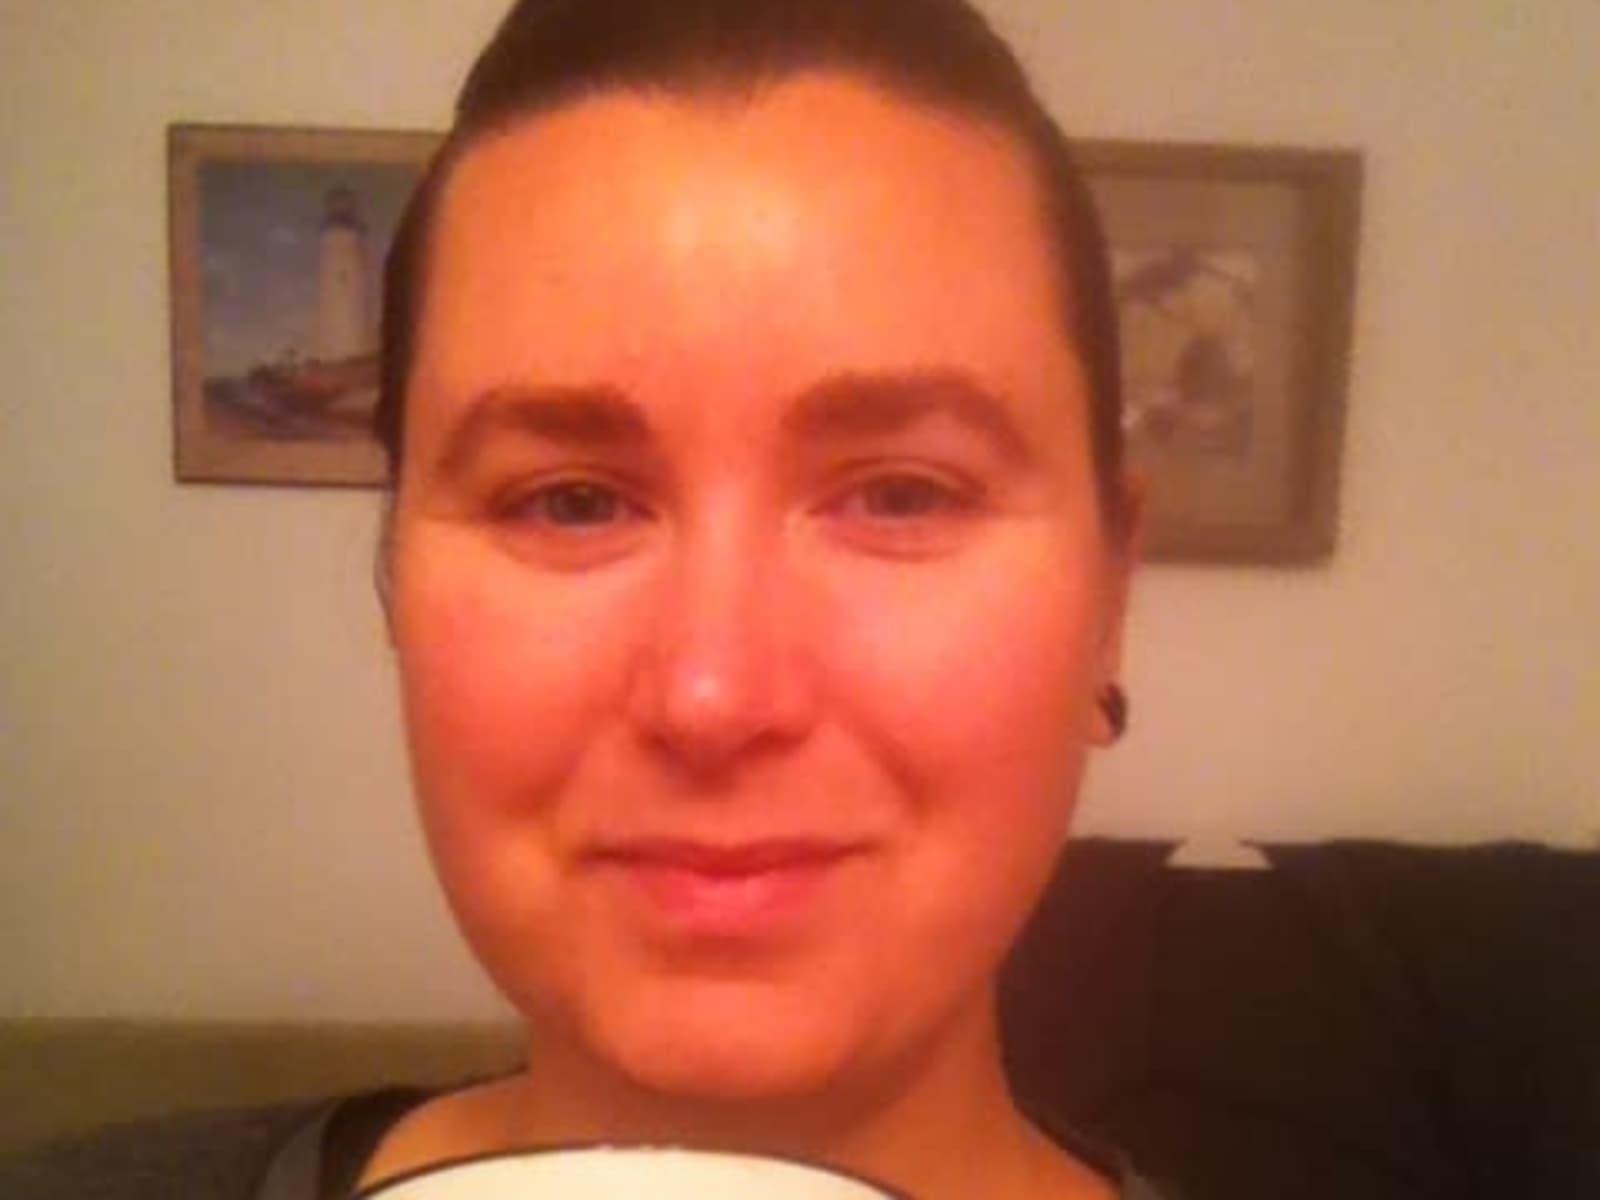 Karen from Greenwood, Nova Scotia, Canada